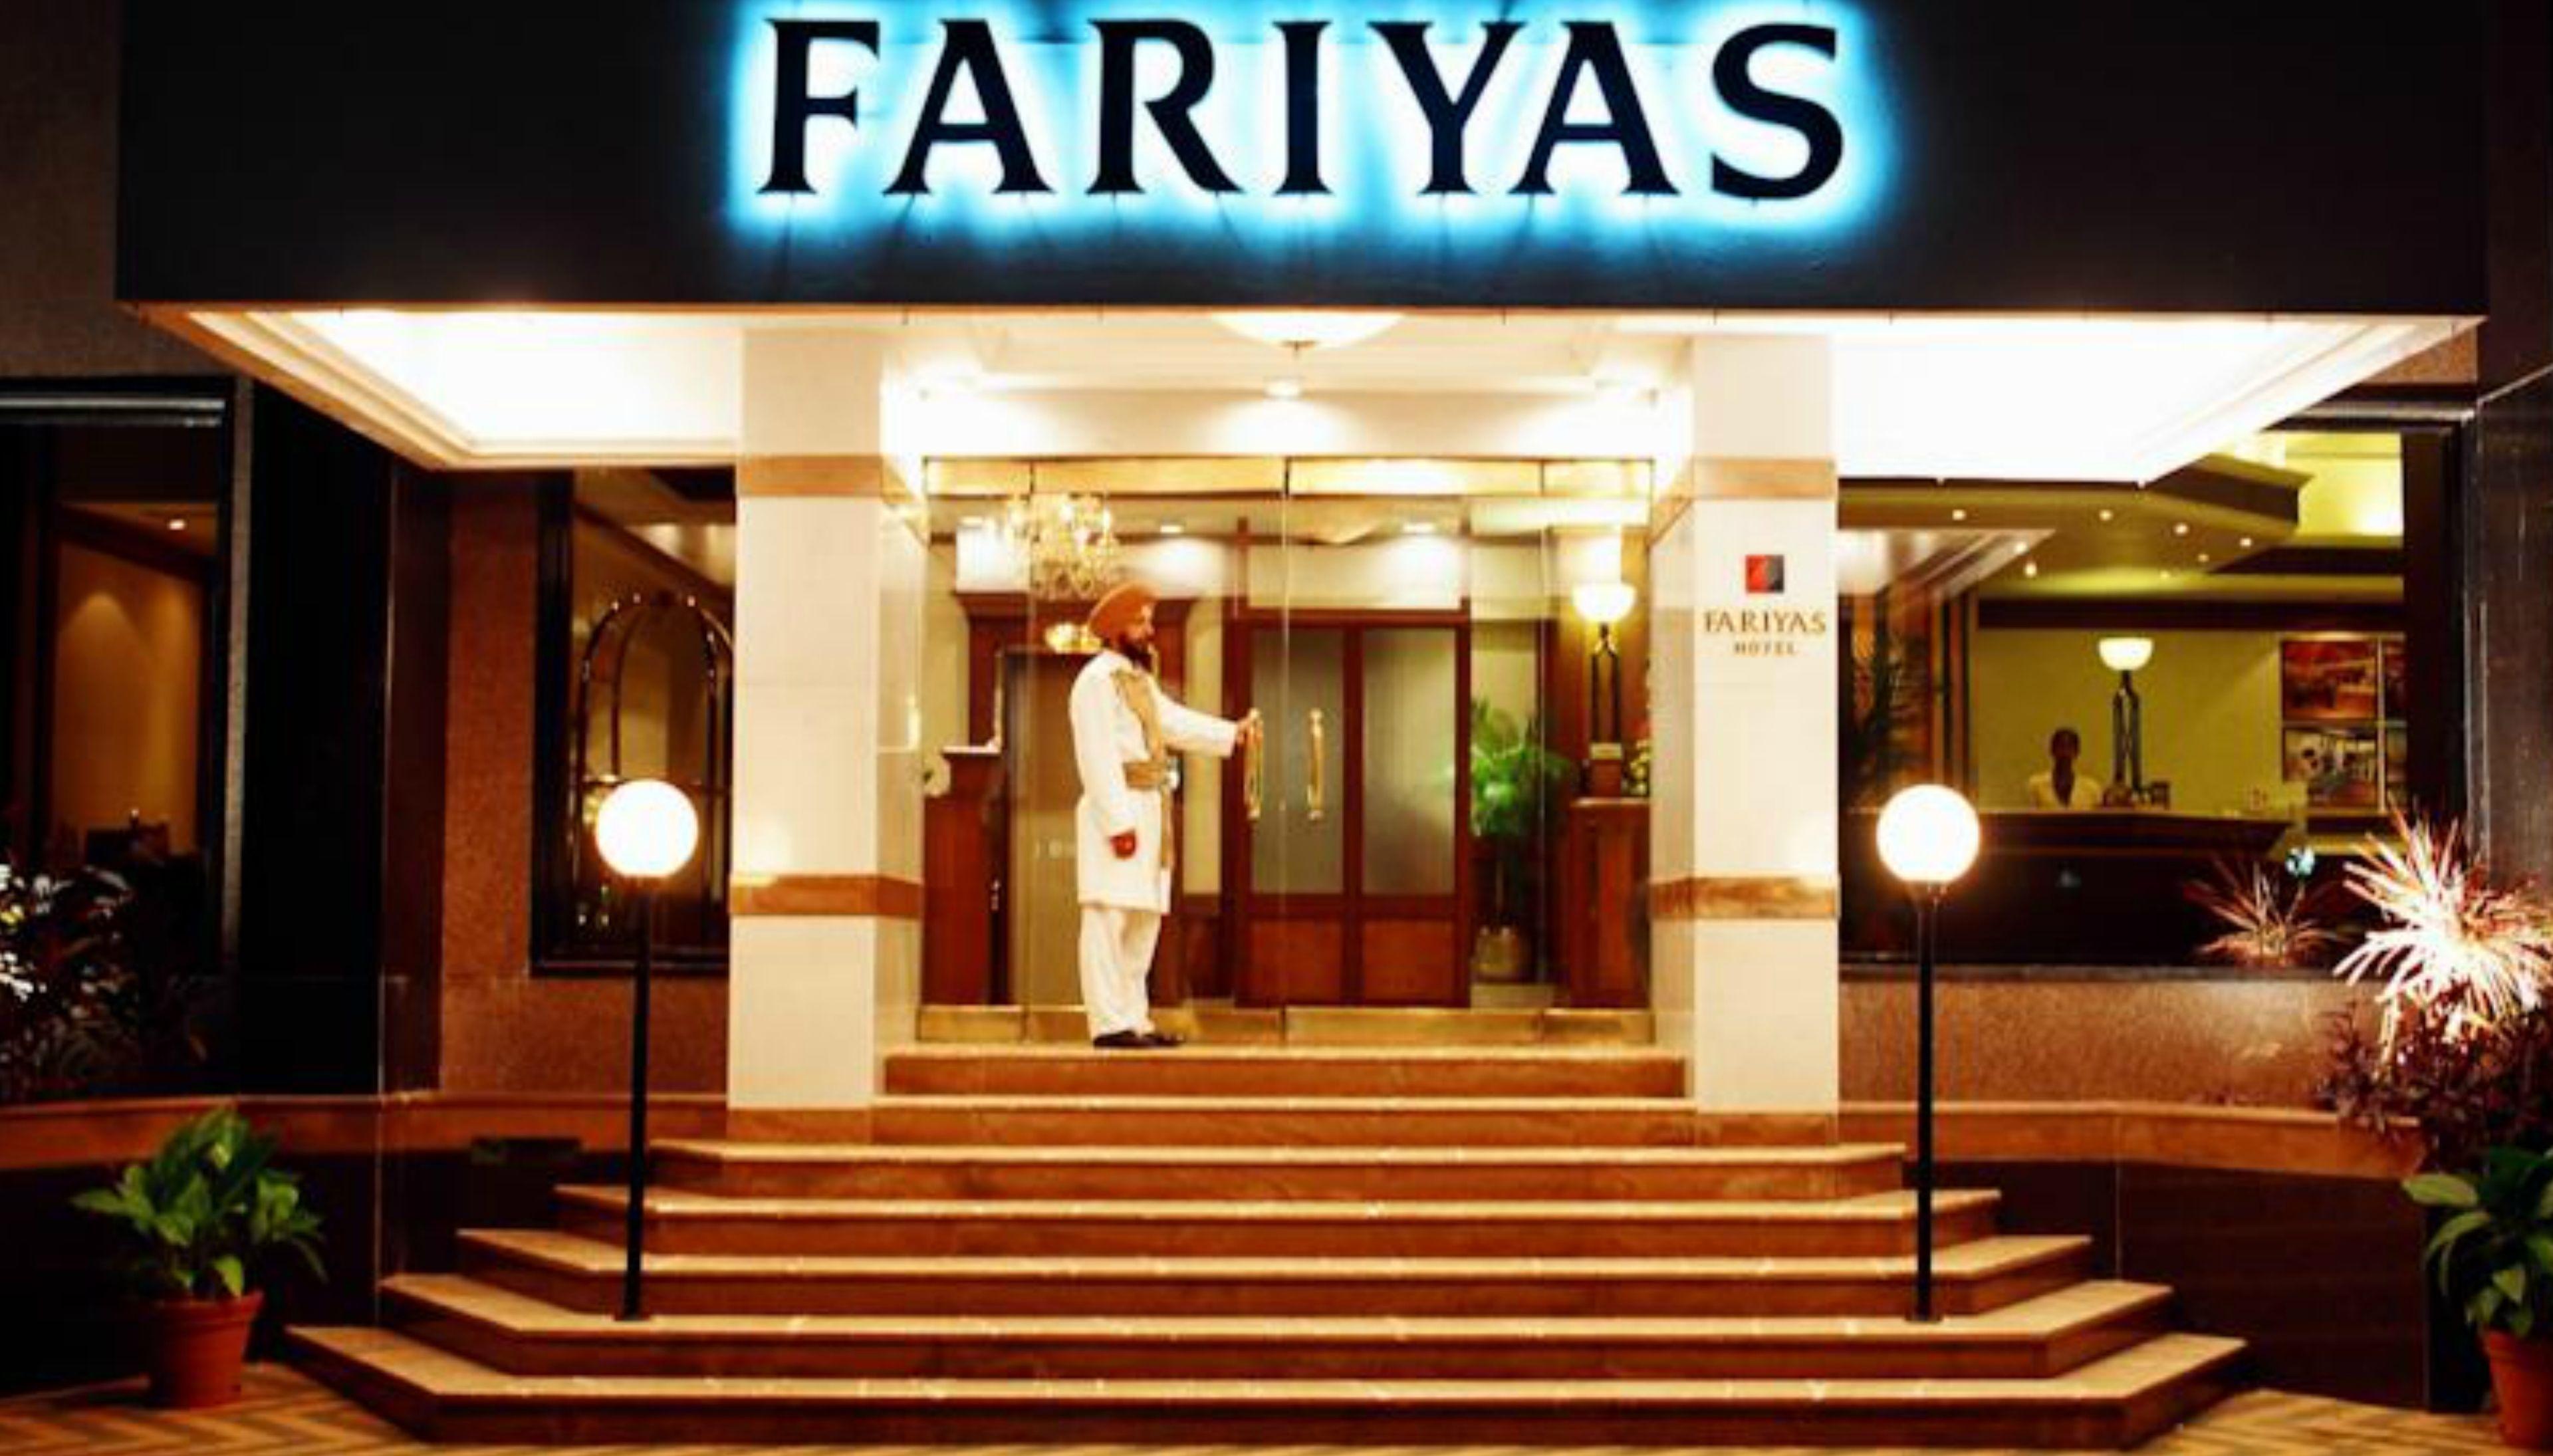 Fariyas